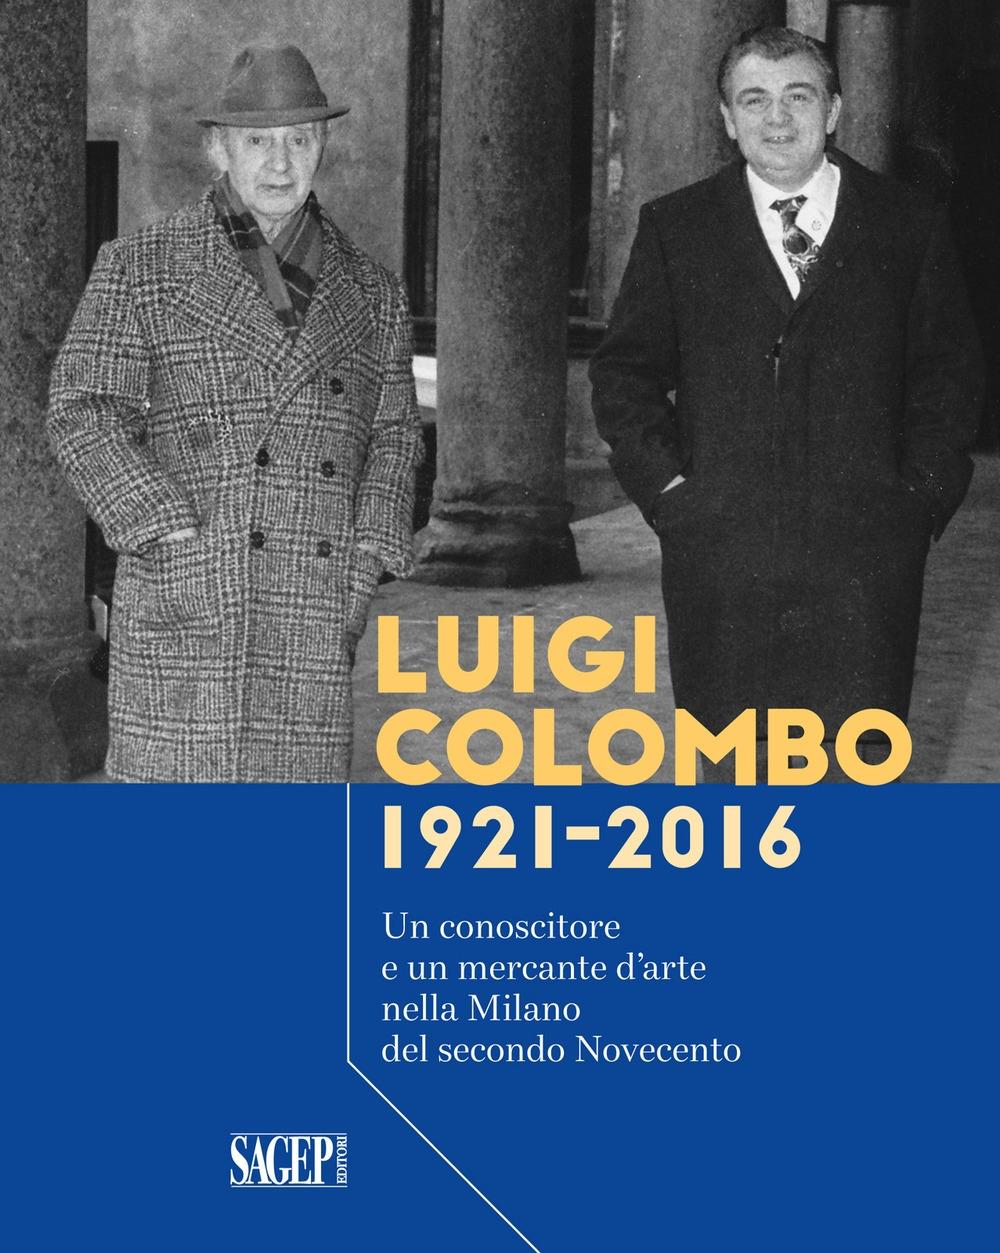 Luigi Colombo 1921-2016. Un conoscitore e un mercante d'arte nella Milano del secondo Novecento